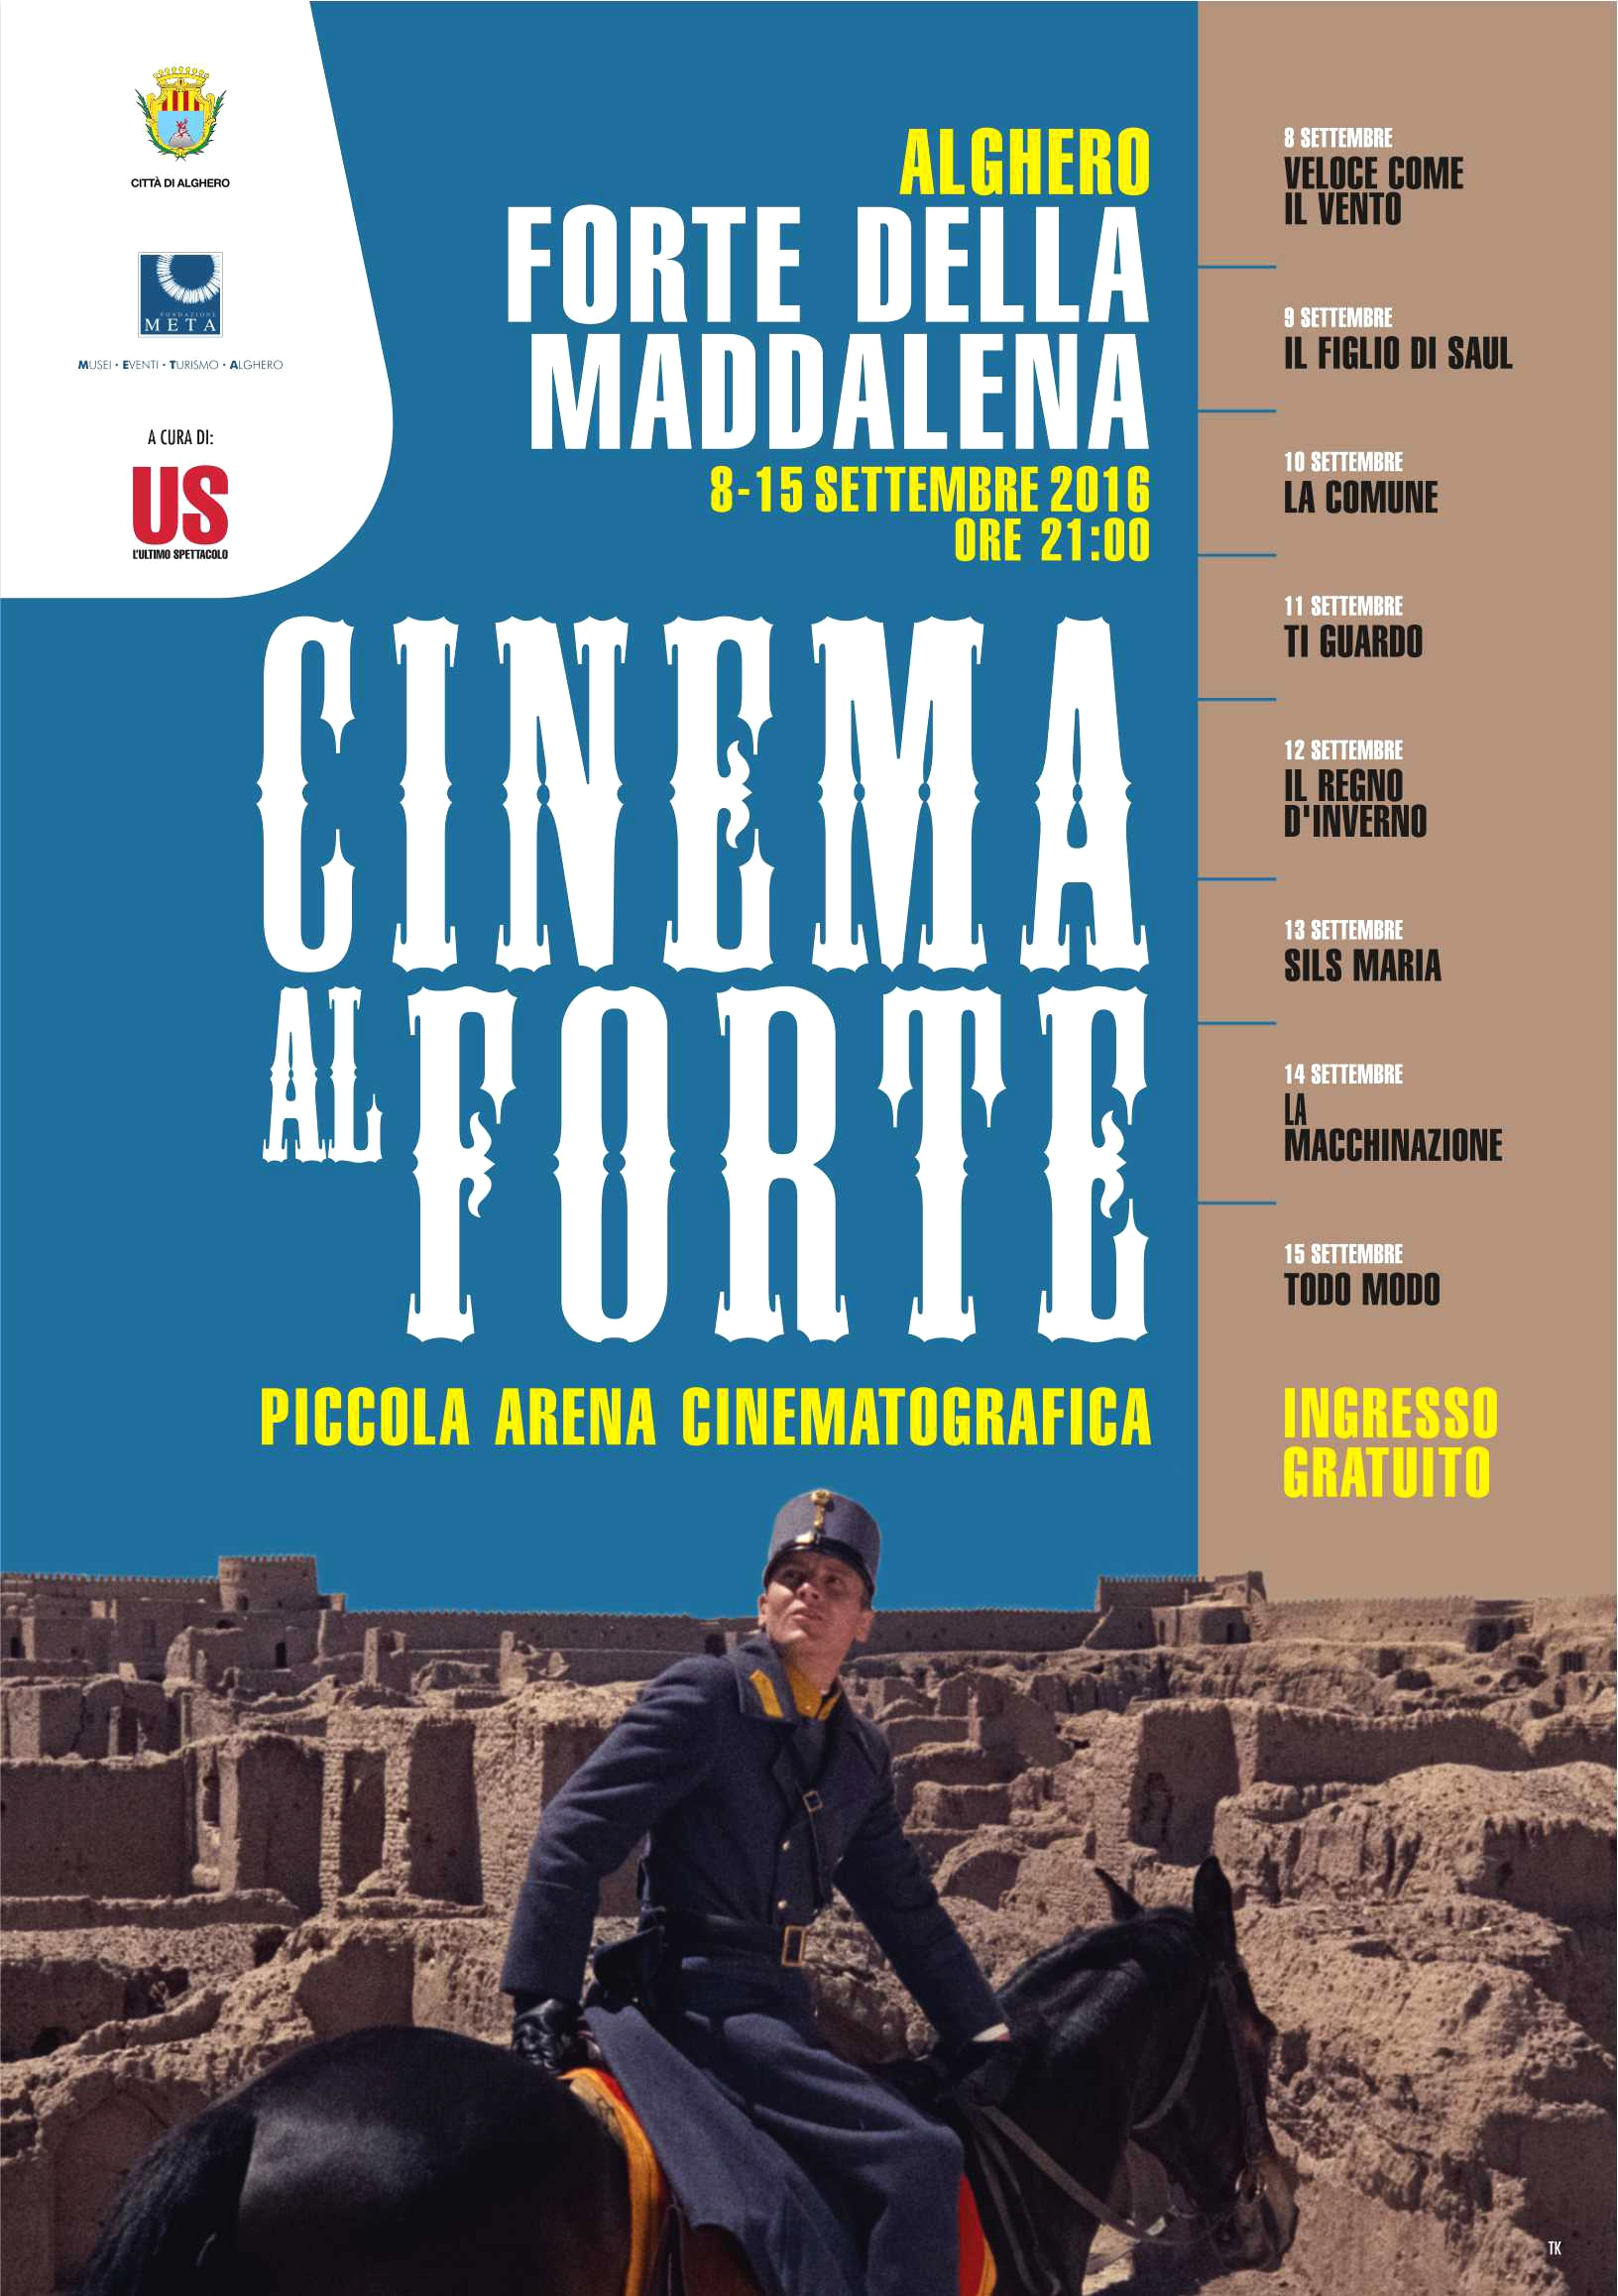 Cinema al Forte Rassegna Cinematografica Alghero Forte della Maddalena dall'8 al 15 settembre 2016 l'ingresso è gratuito.